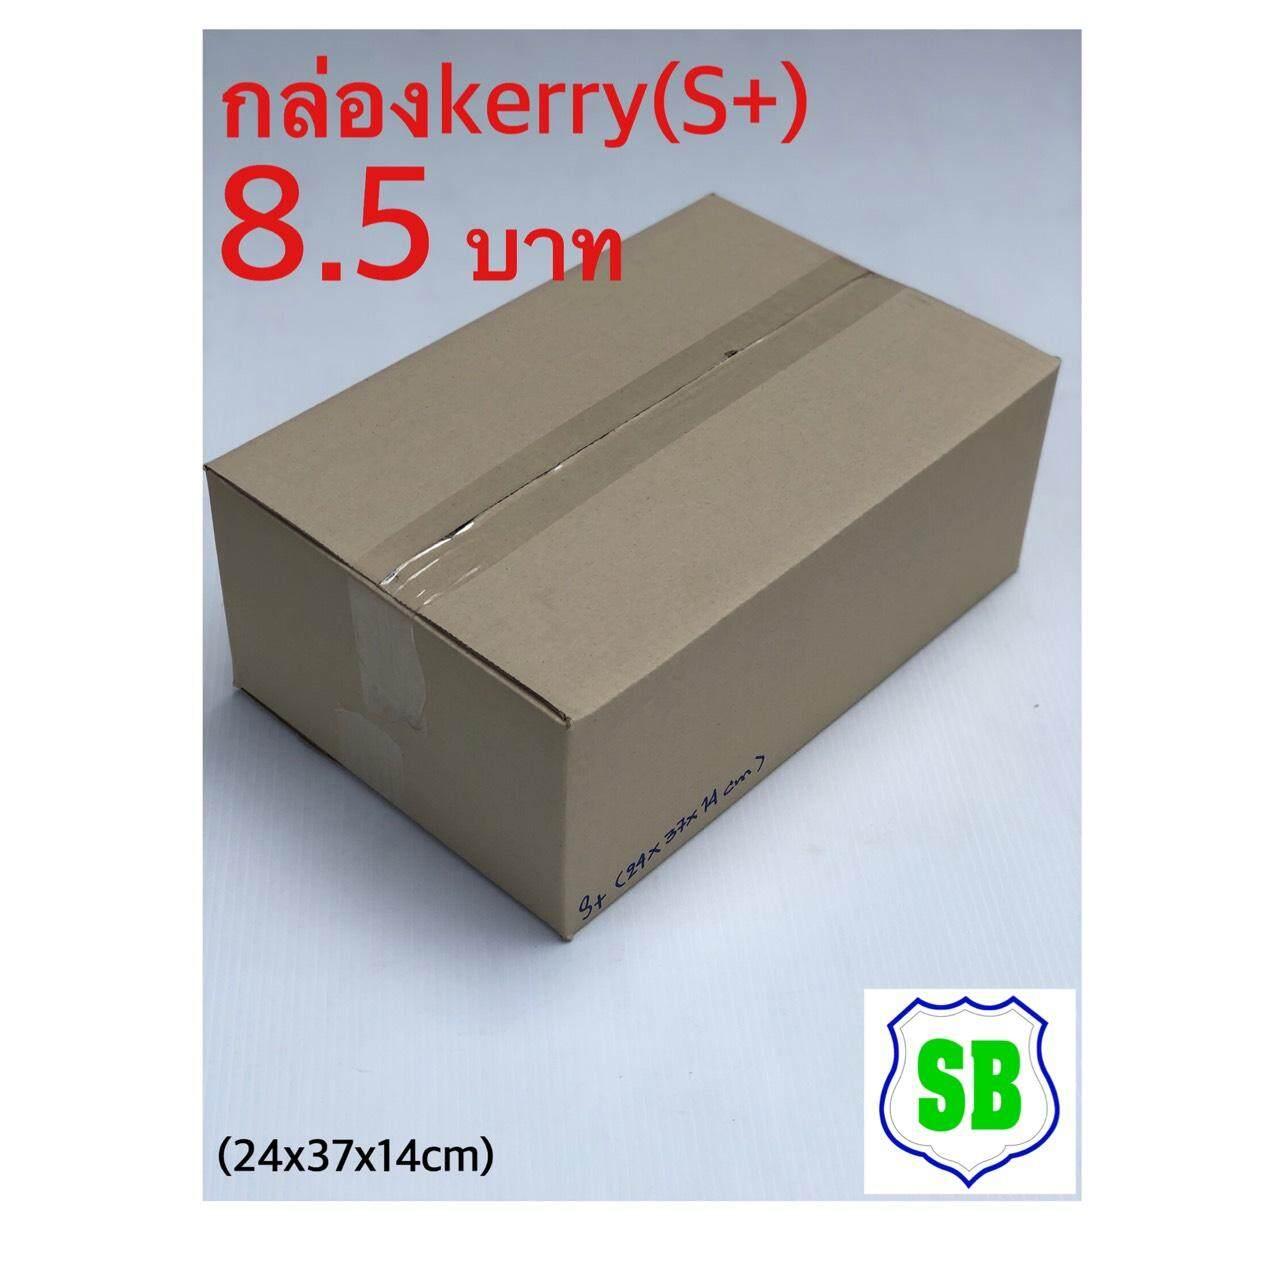 ขายดีมาก! กล่องkerry(S+) มัดละ20ใบ ราคา 170 บาทเกรดกระดาษI/M-B  กระดาษหนาแข็งแรง